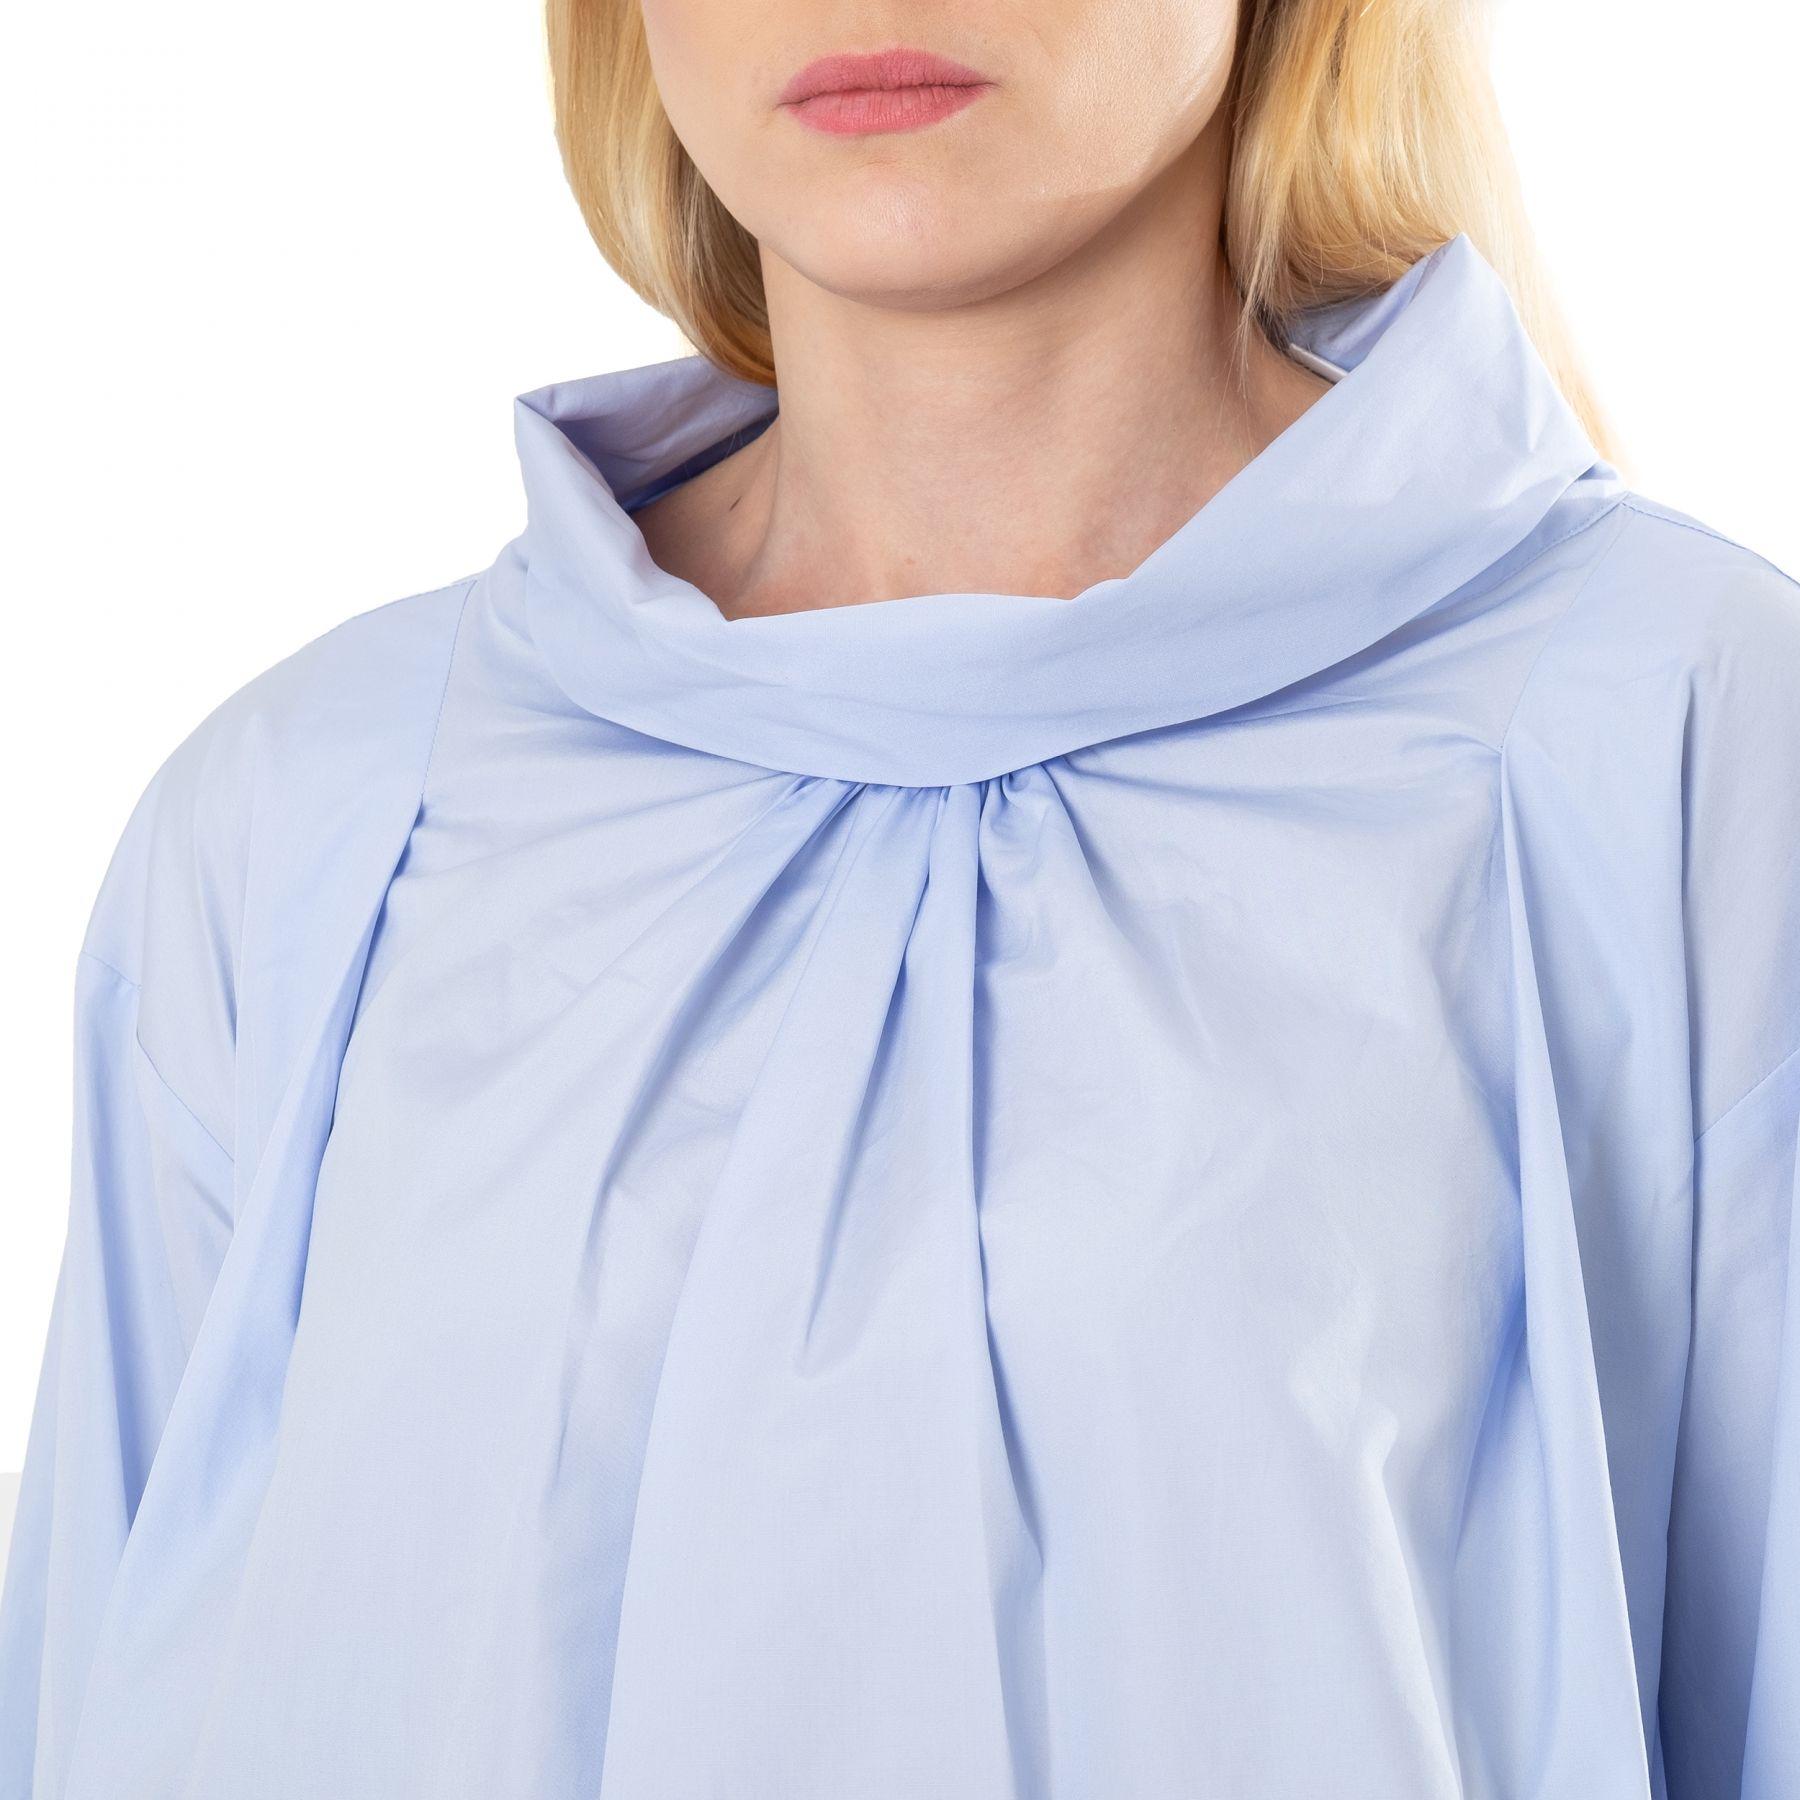 Рубашка с длинными рукавами 3.1 Phillip Lim 3.1 Phillip Lim светло-голубая